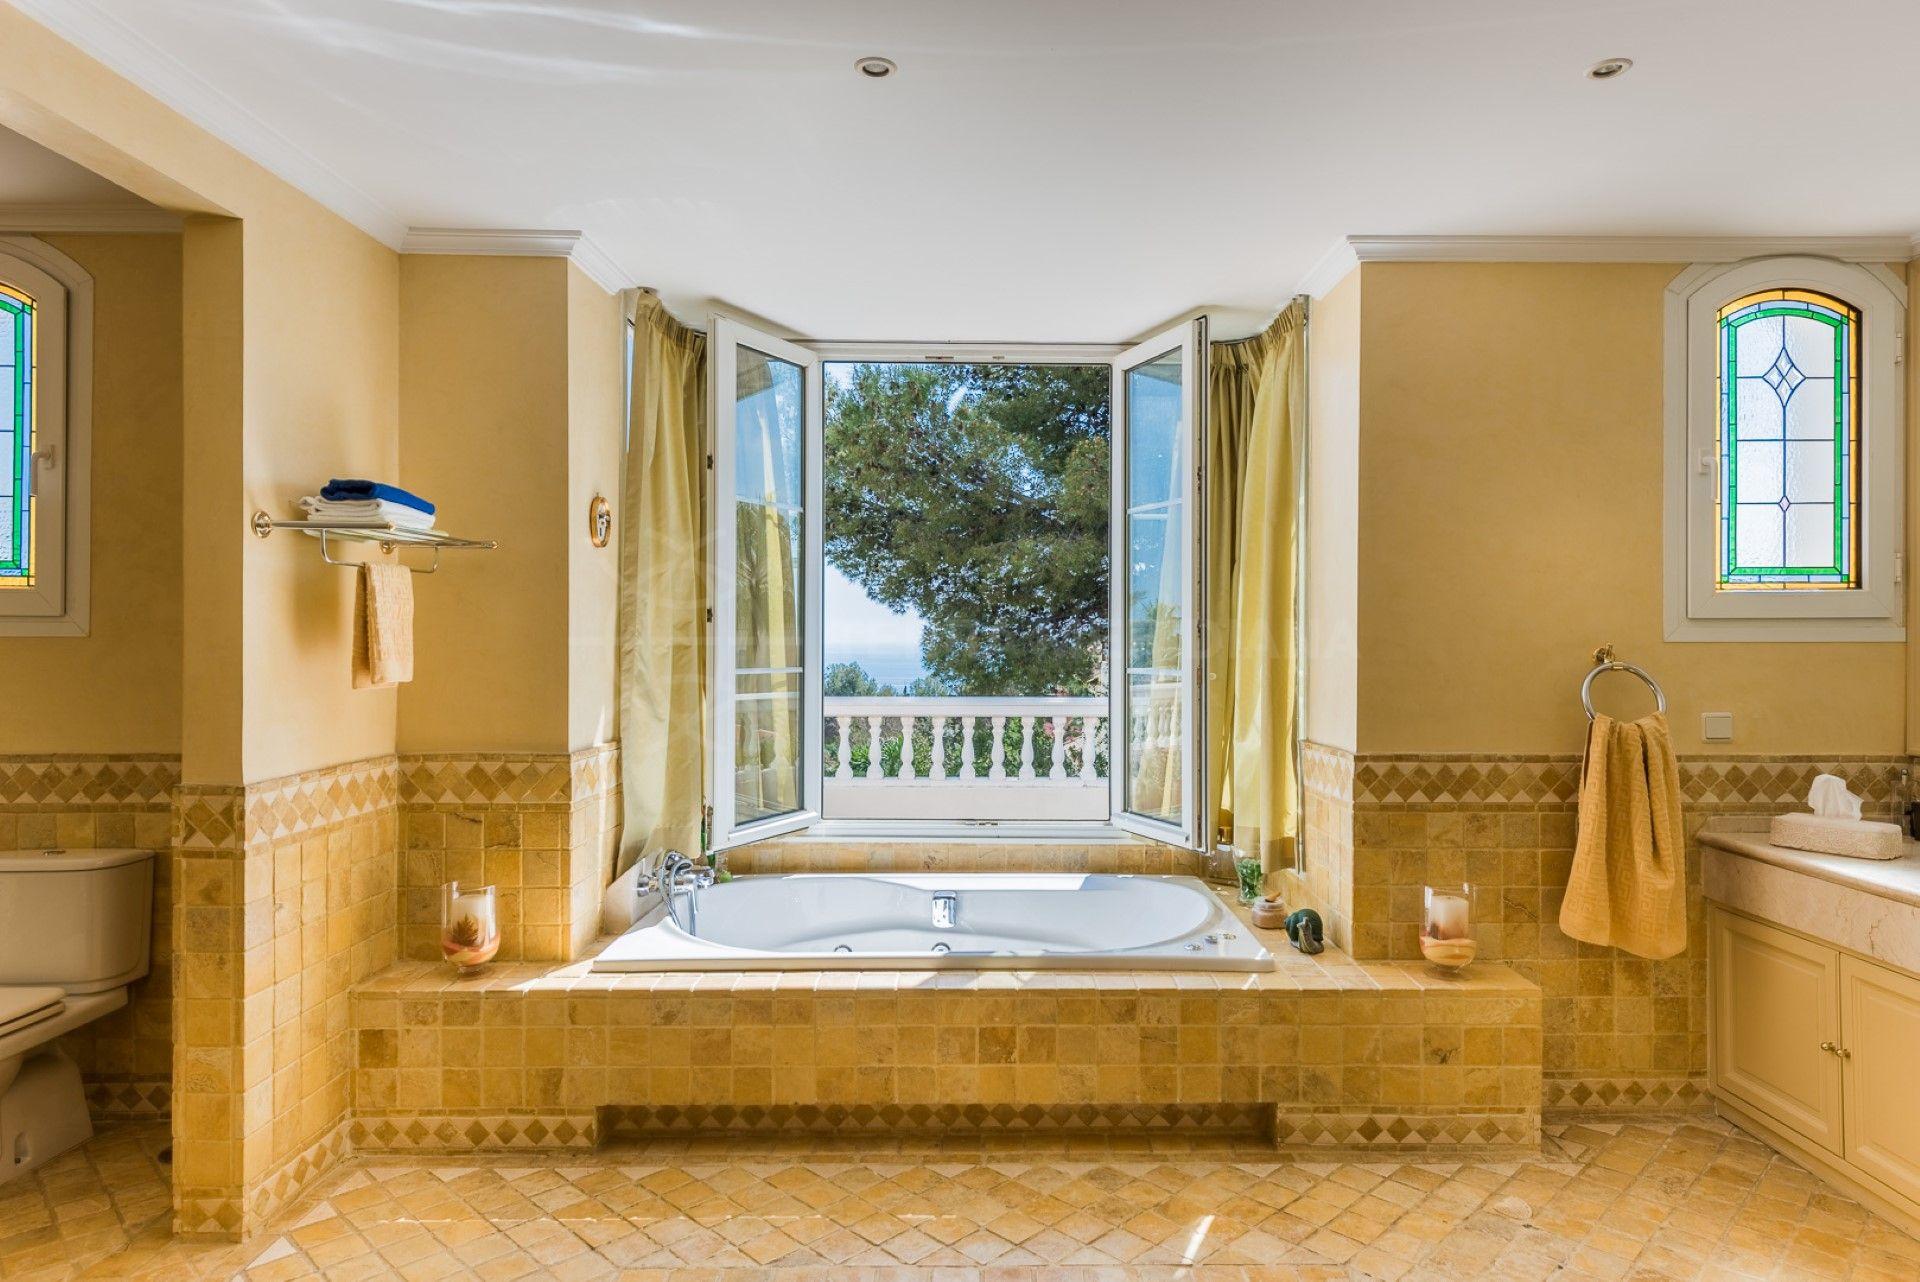 Villa elegante y lujosa en sierra blanca con vistas al mar for Villa elegante